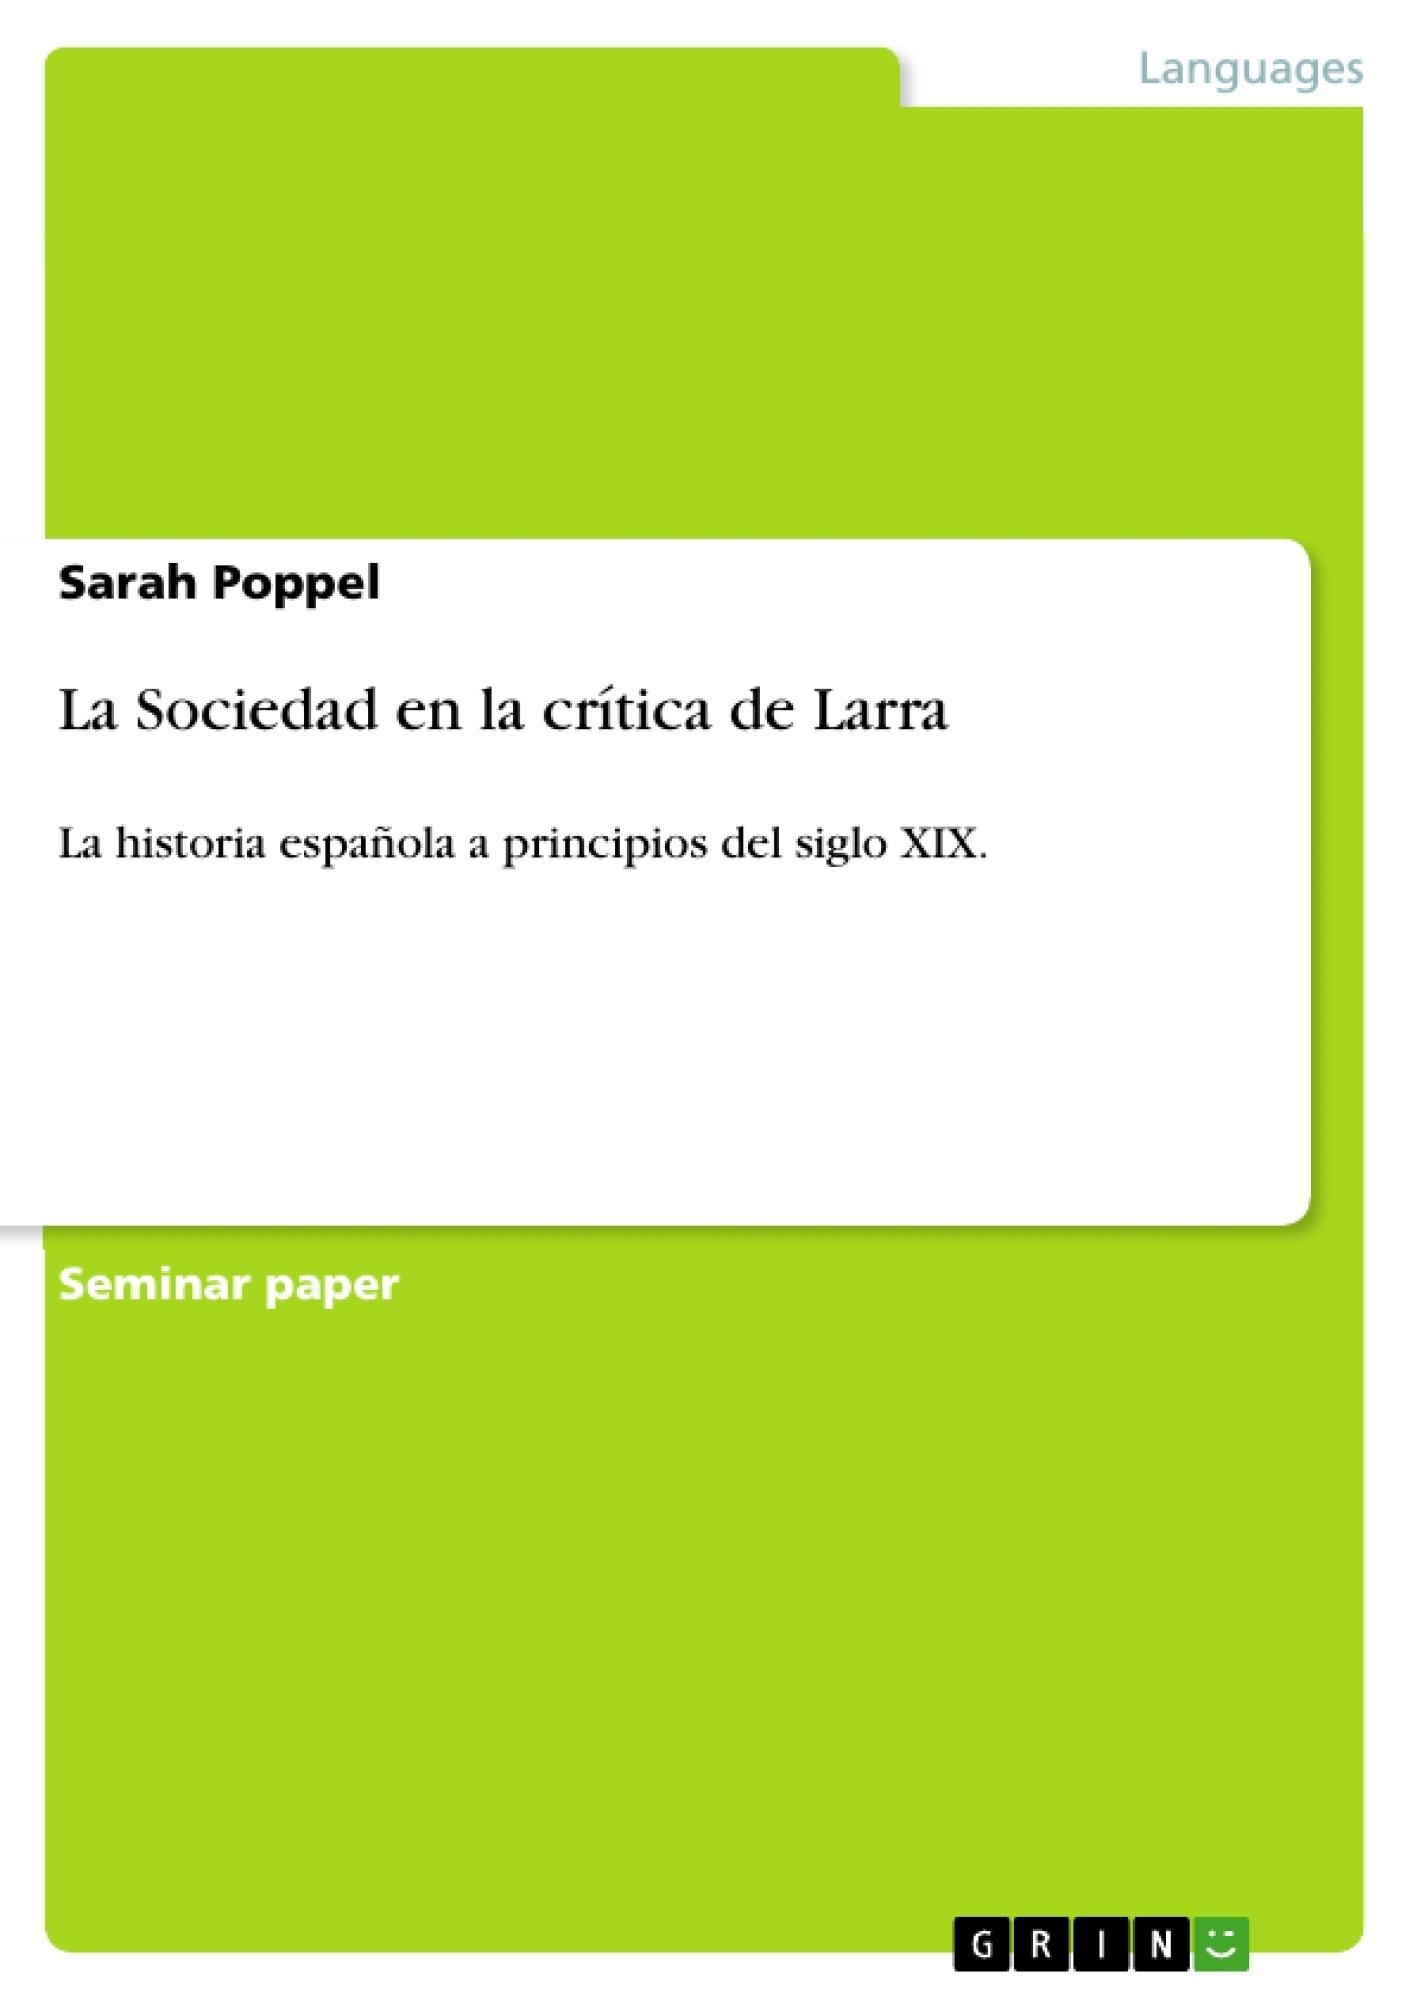 Título: La Sociedad en la crítica de Larra